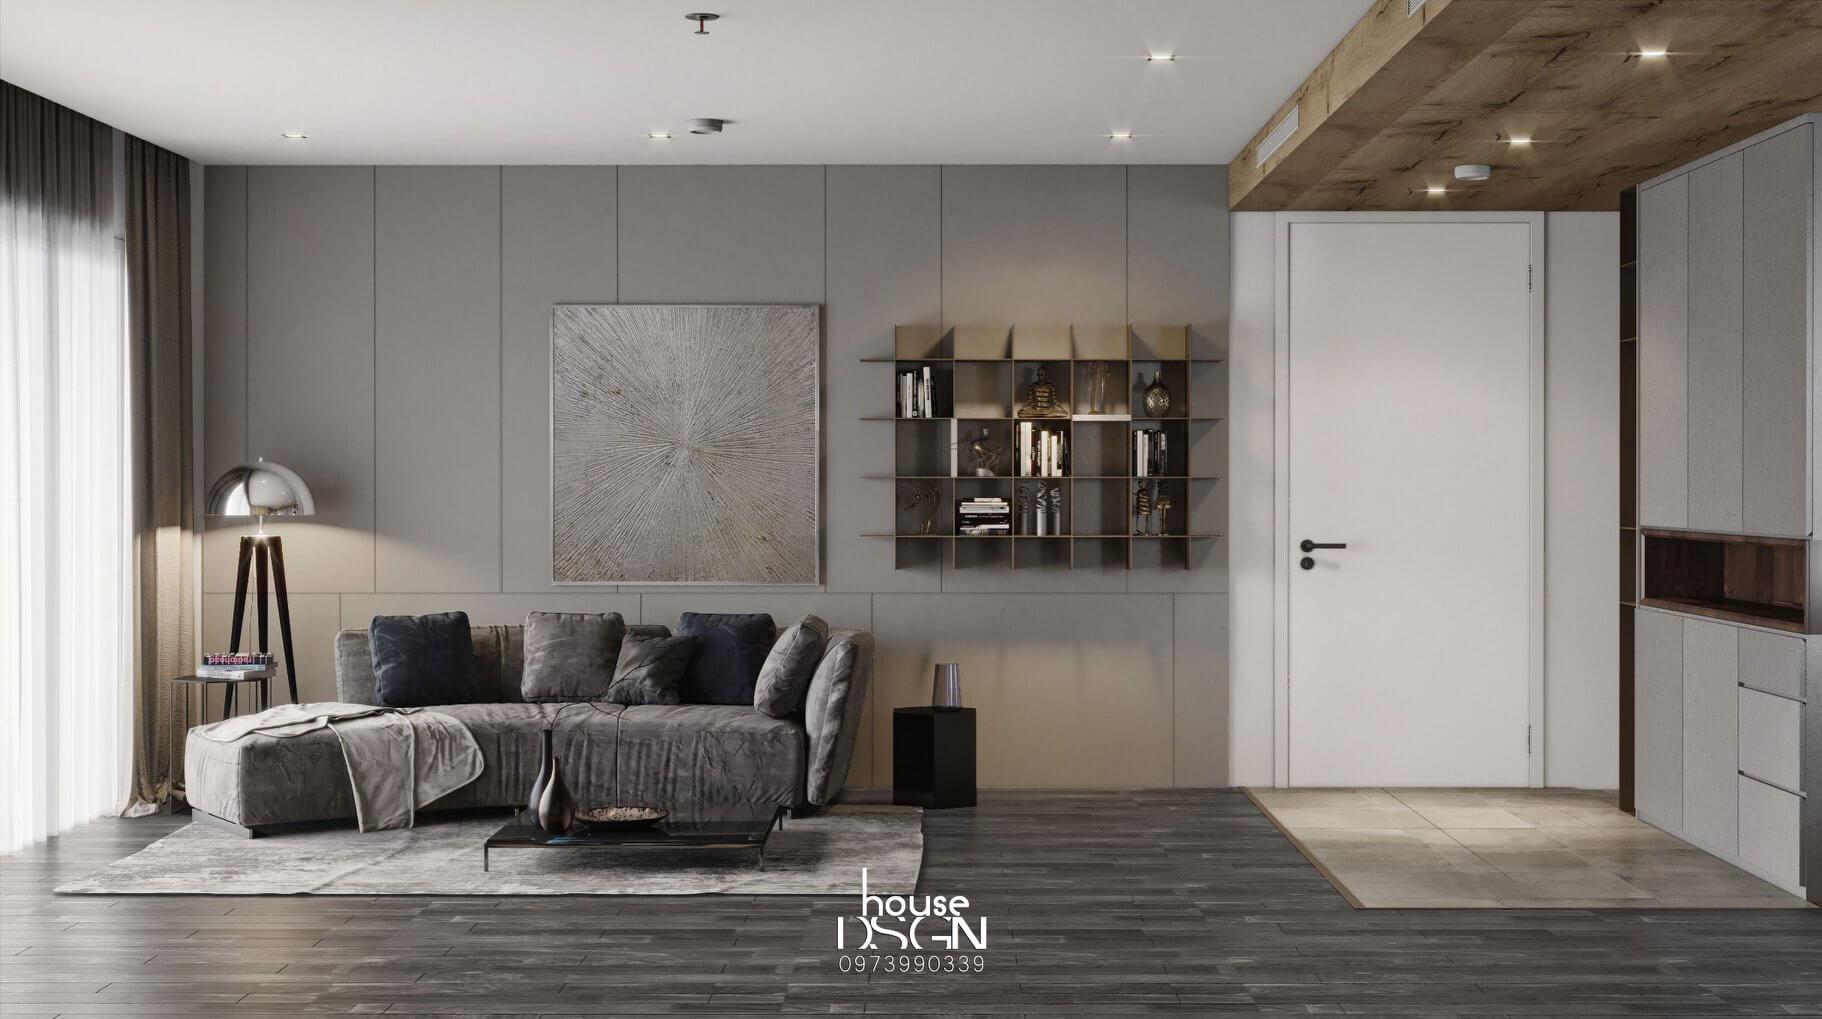 thiết kế nội thất nhà chung cư đẹp và tiện nghi